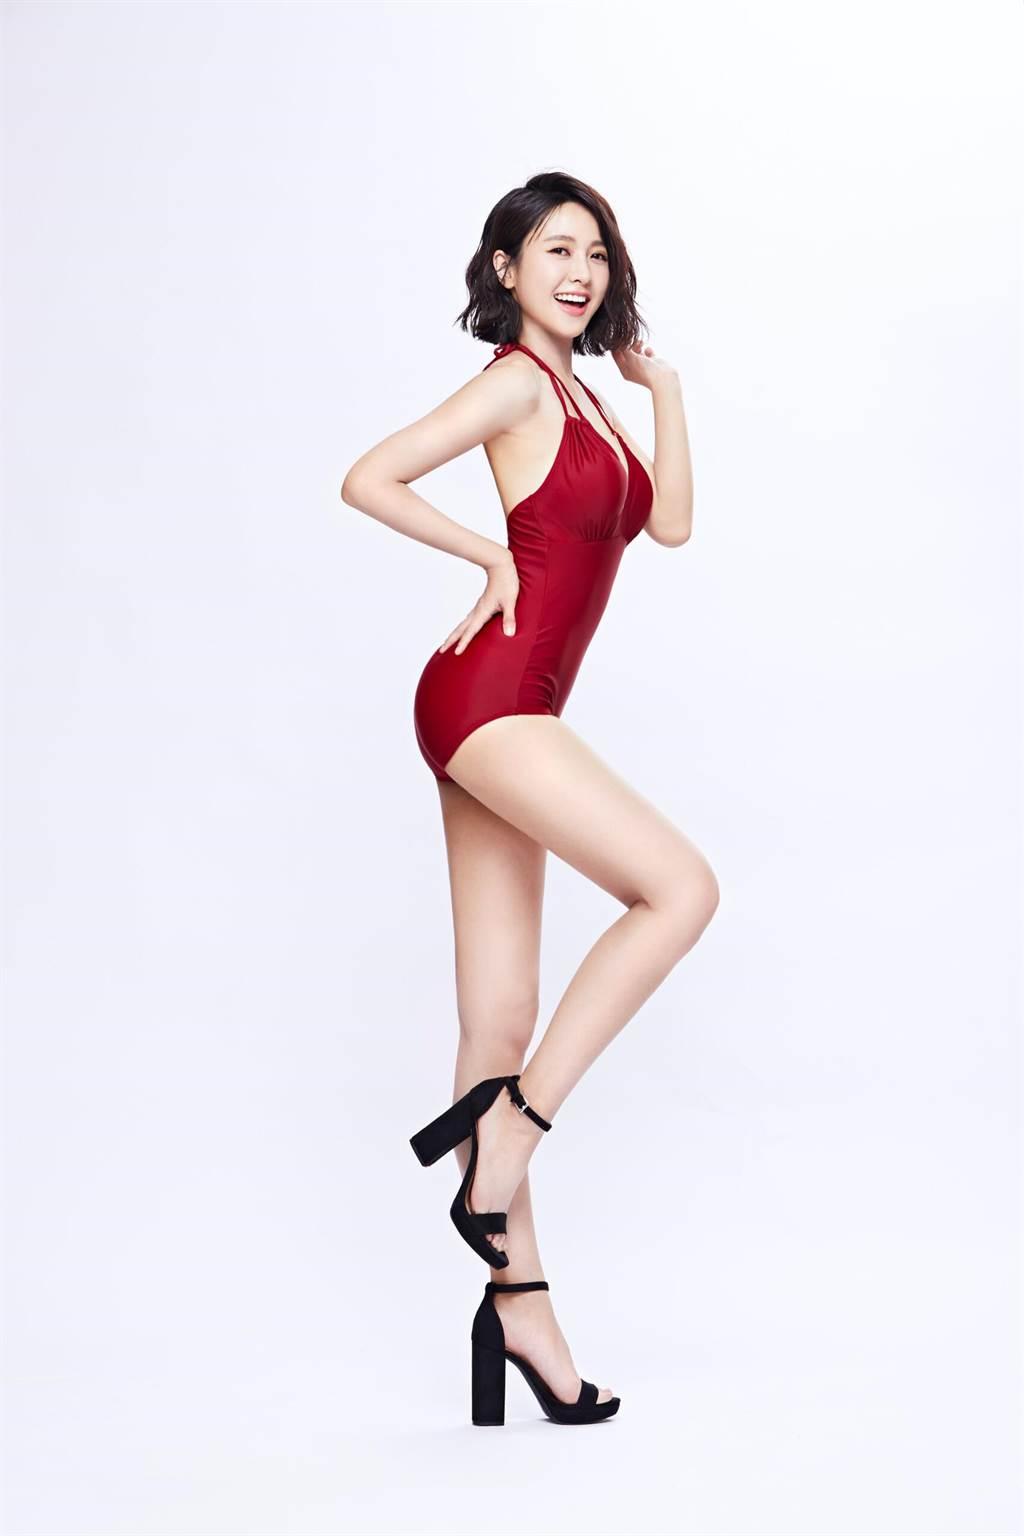 大元穿著紅色綁帶連身高衩泳裝,大秀蜂腰翹臀與一雙大長腿,讓粉絲直呼太犯規。(Laler提供)